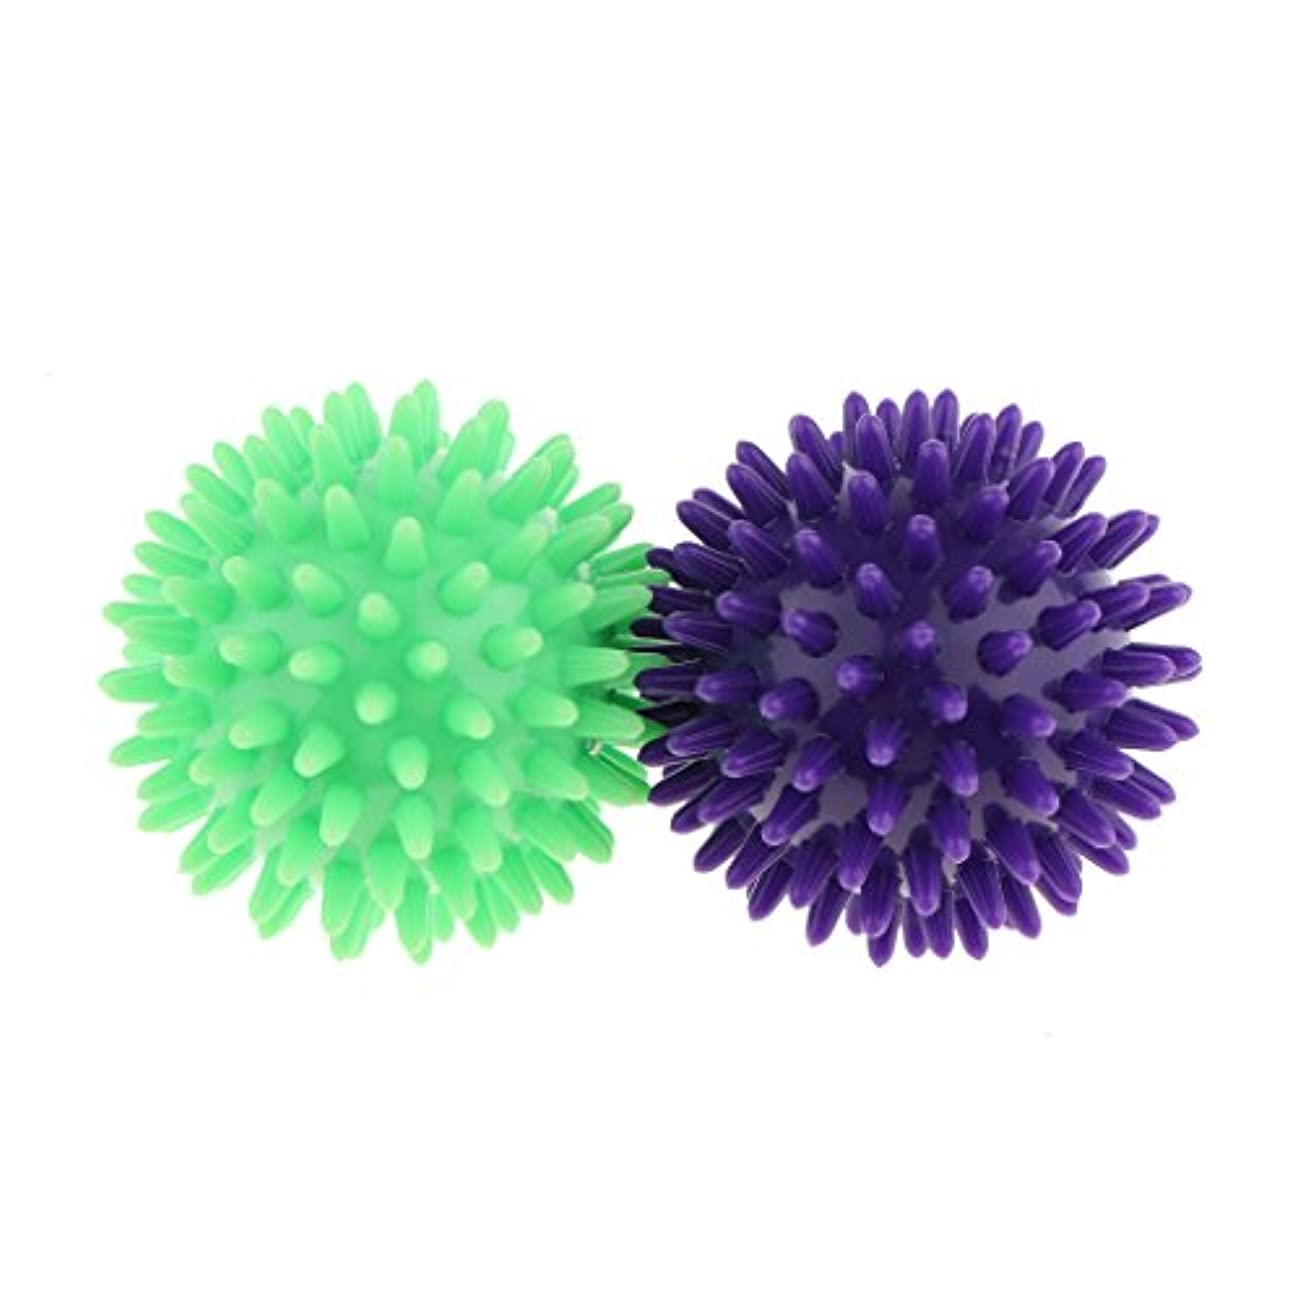 鰐やろう識別マッサージボール スパイシー マッサージ ボール ボディトリガー ポイント 2個セット 3タイプ選べ - 紫ライトグリーン